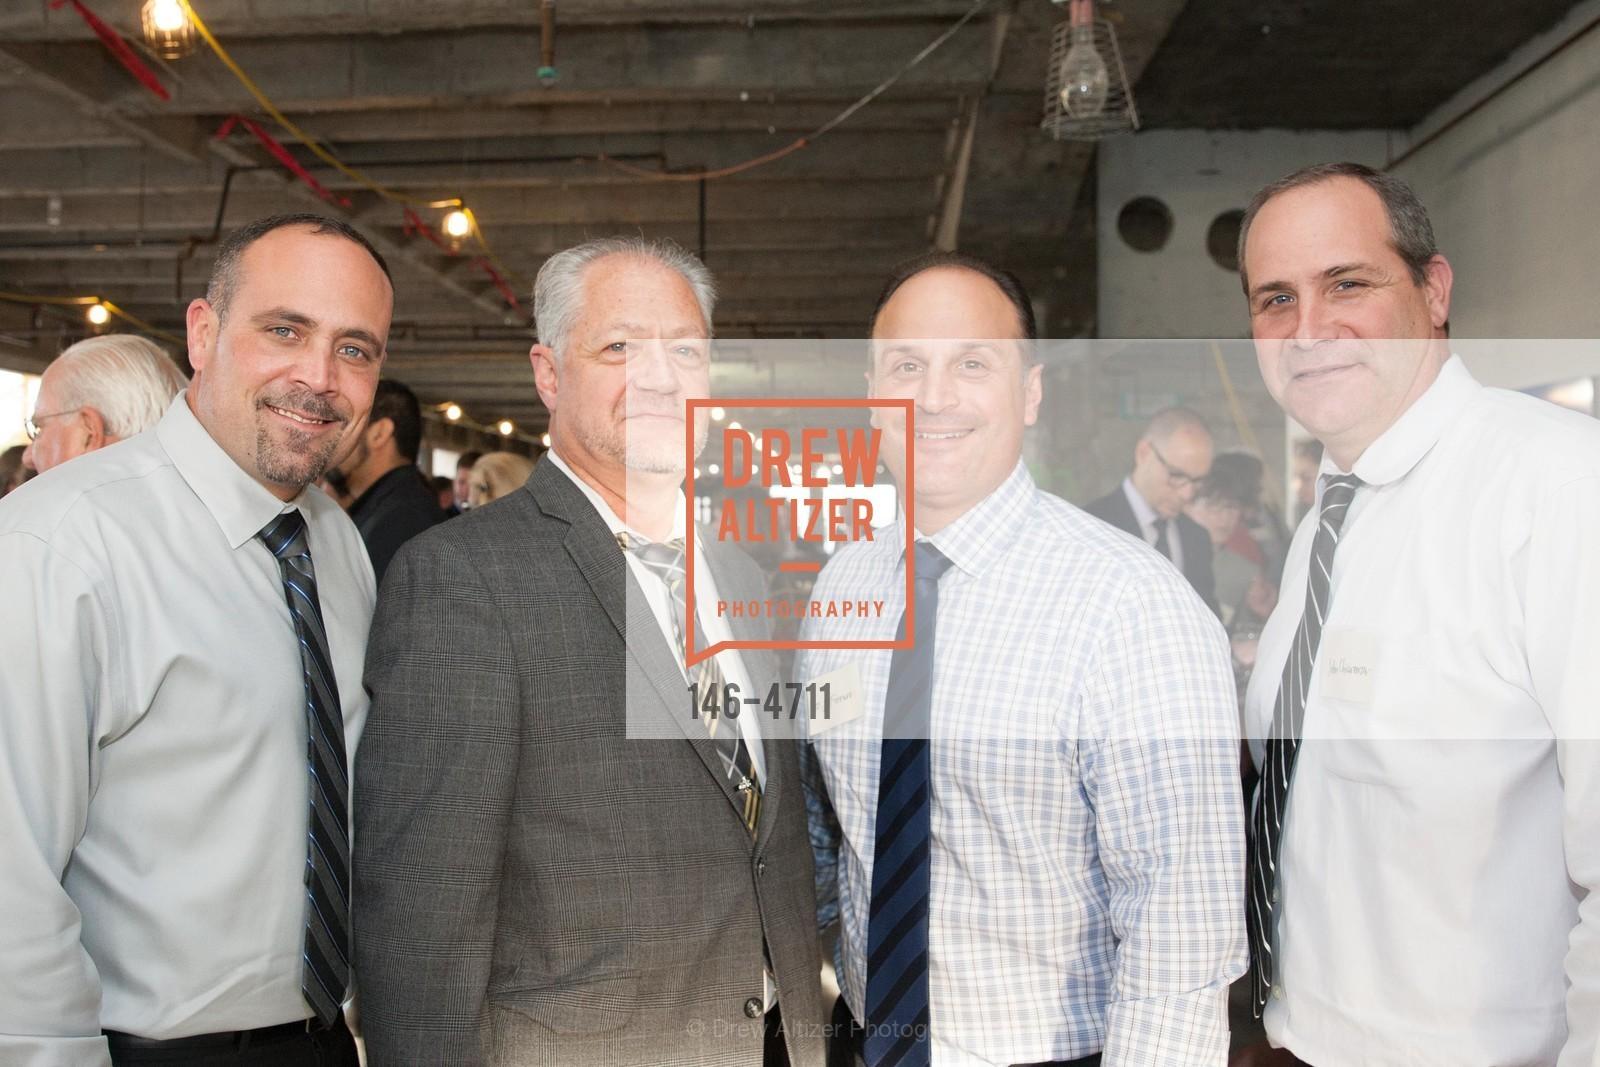 John Corso, Tony Guzzetta, RJ Ferrari, John Chiarenza, Photo #146-4711